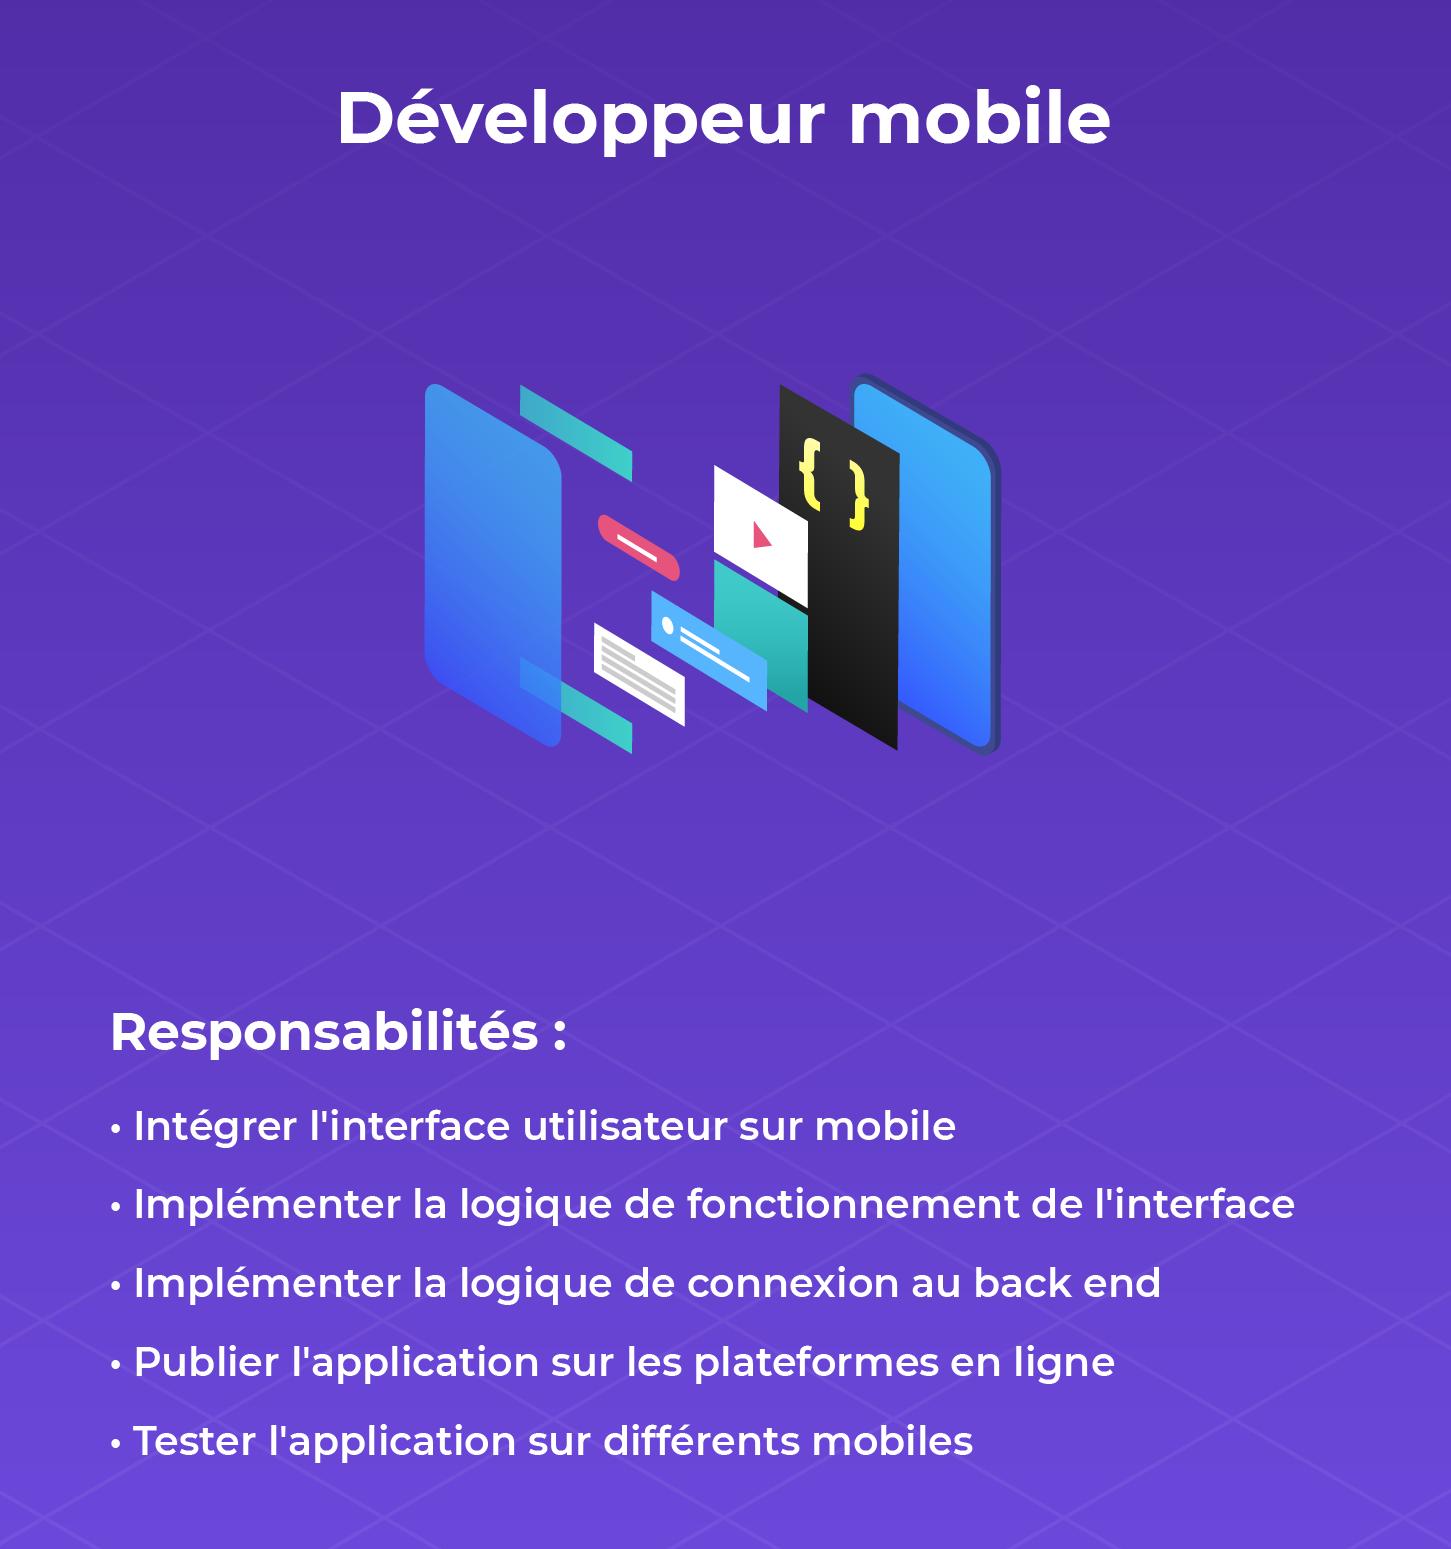 Fiche métier du développeur mobile